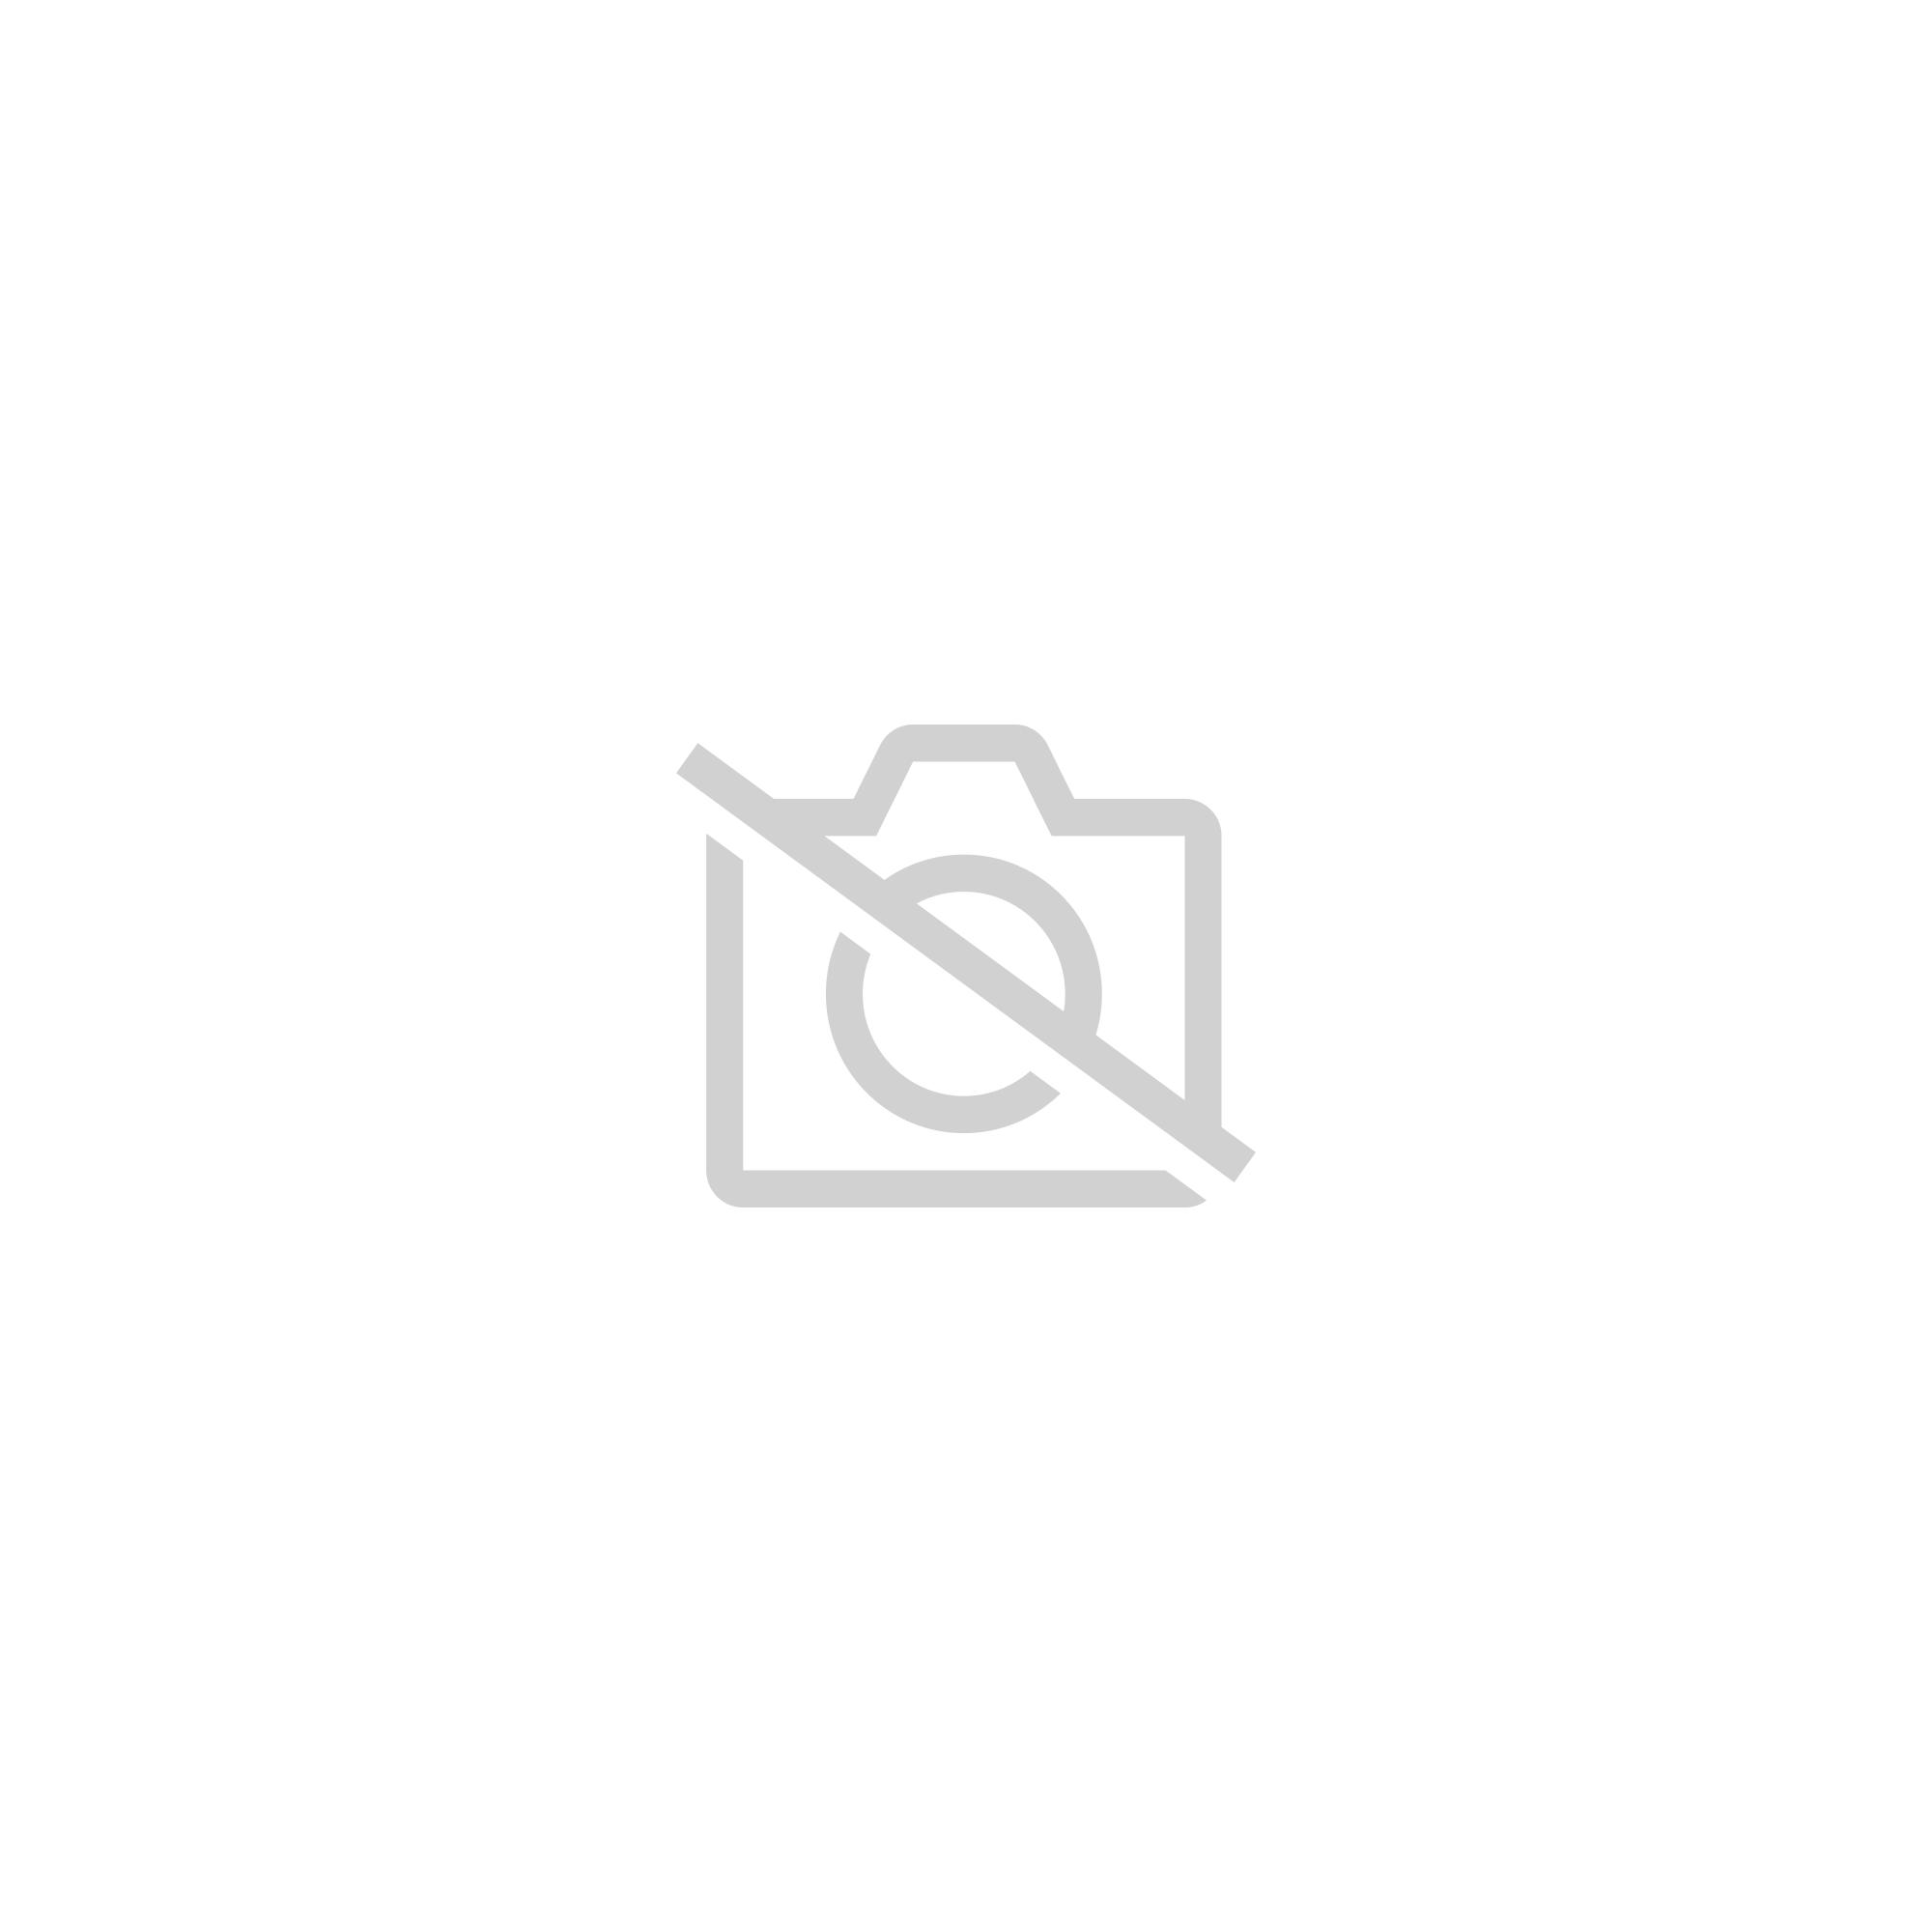 MCAD Accessoires Réseau/Baie 19 inch